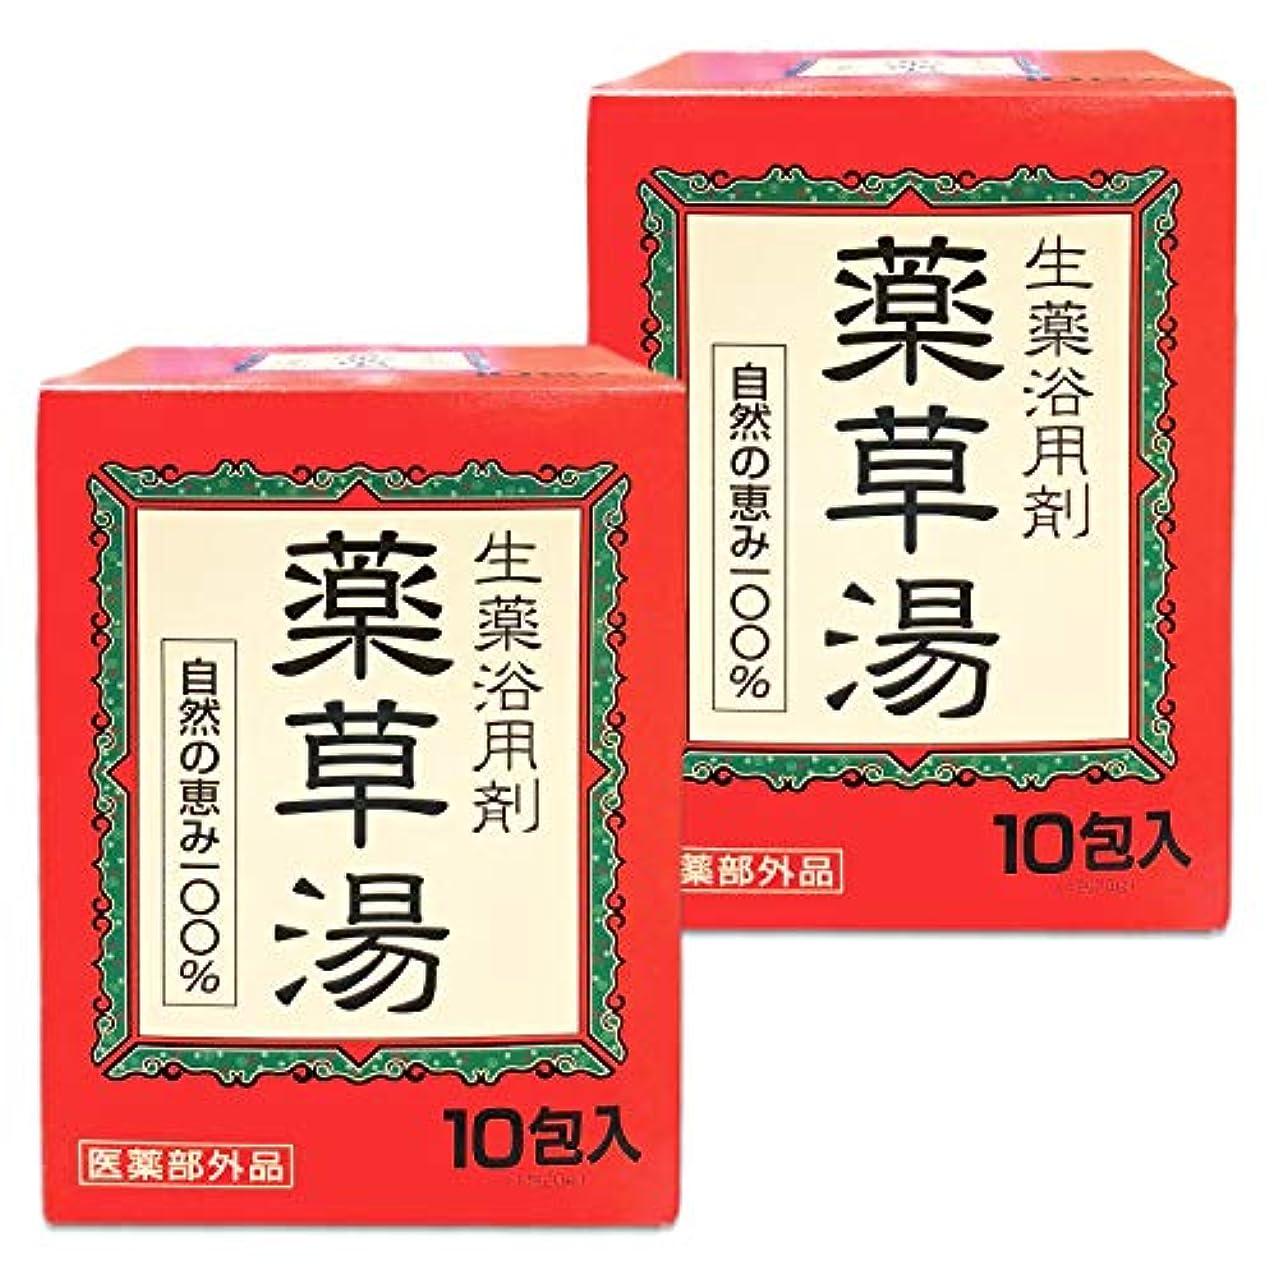 首尾一貫した中古クック【まとめ買い】 薬草湯 生薬浴用剤 10包入×2個 自然のめぐみ100% 医薬部外品